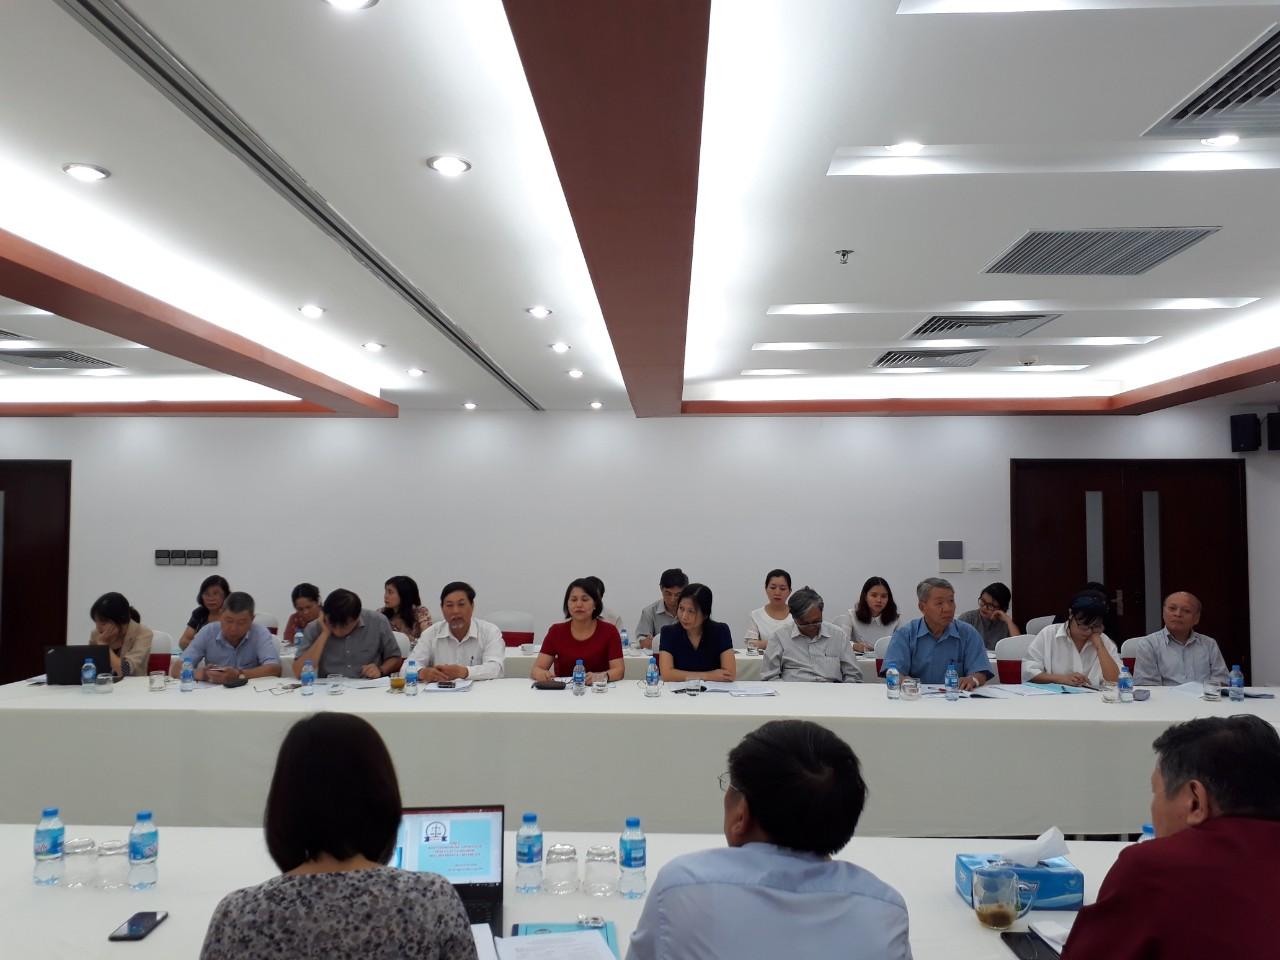 Hội thảo về Báo cáo đánh giá chính sách, pháp luật và mô hình trợ giúp pháp lý cho trẻ em - Ảnh 5